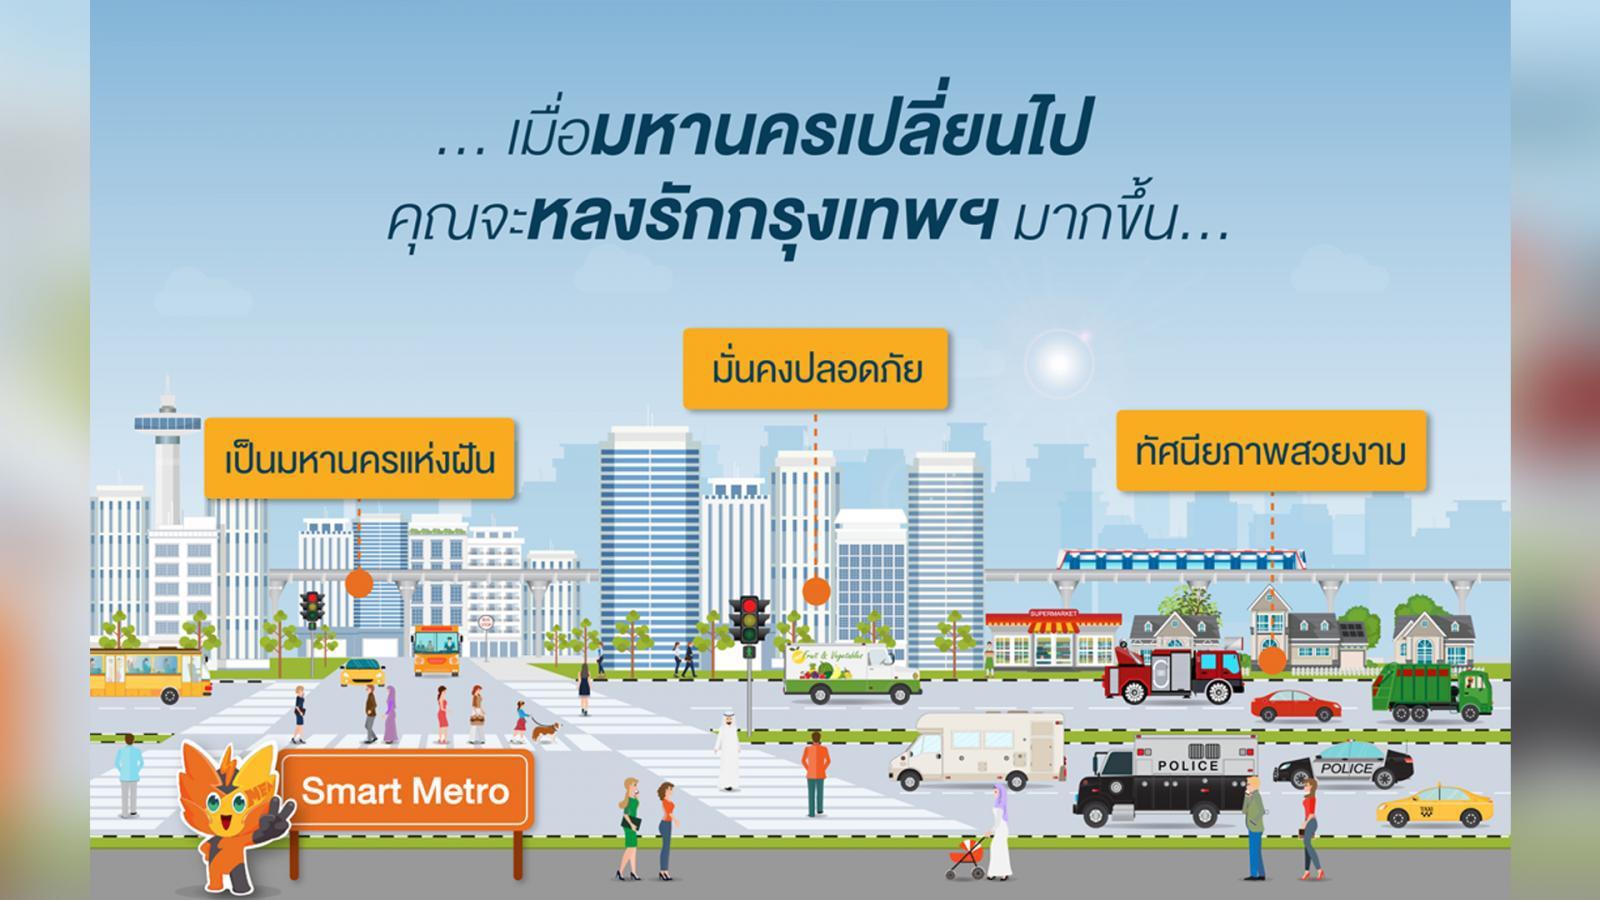 เมื่อ...สายไฟฟ้า ไม่ได้เข้าไปเป็น #มะริ่งกิ่งก่อง ในเมืองกรุงอีกต่อไป